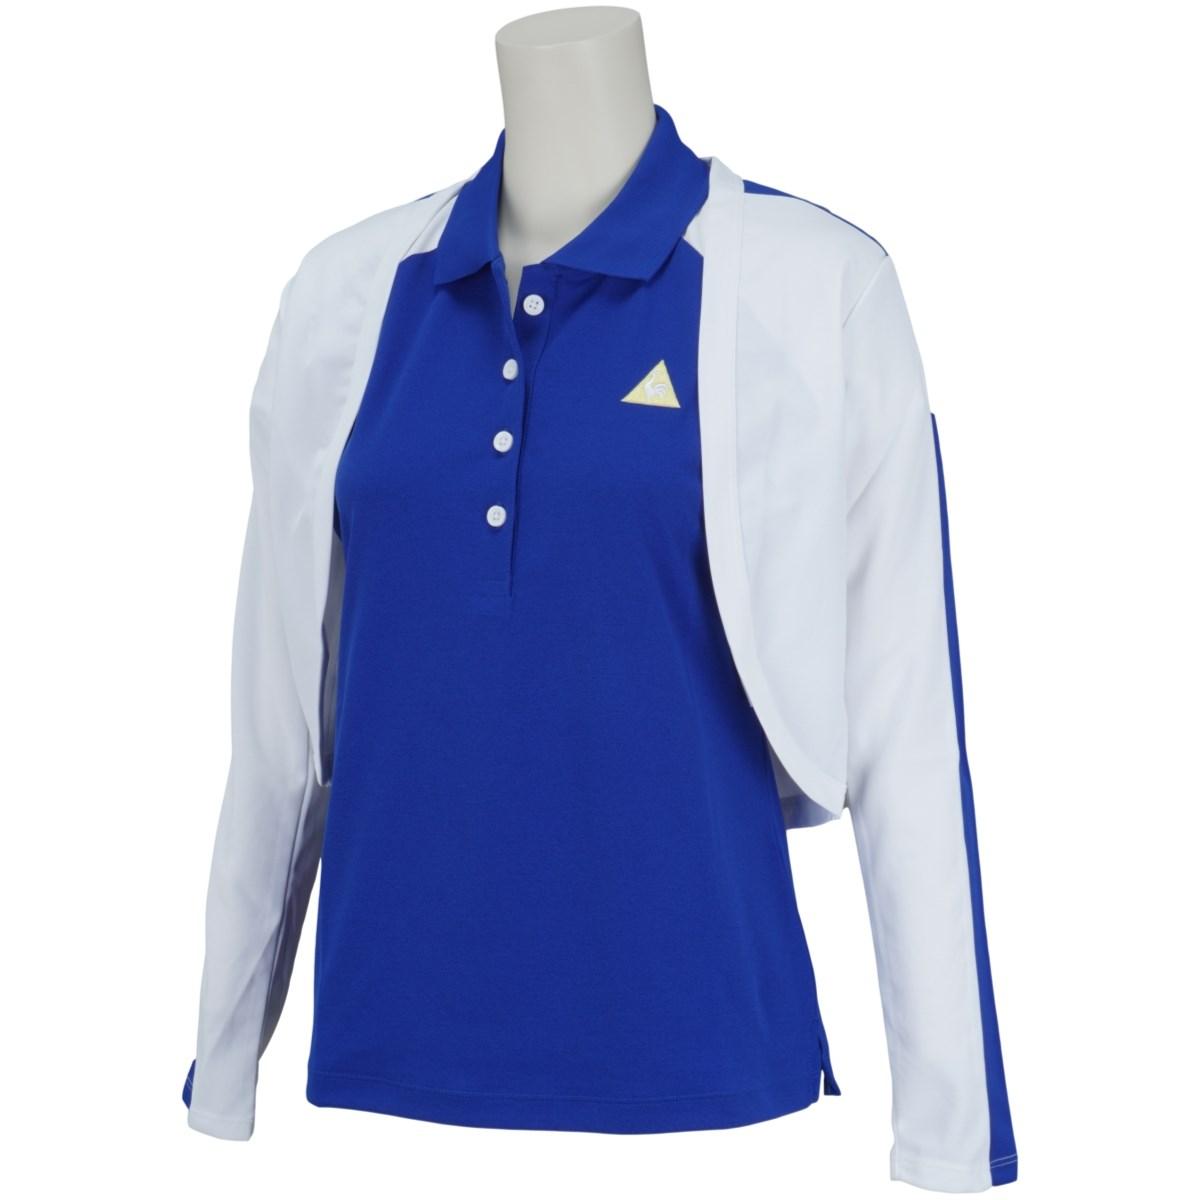 ルコックゴルフ Le coq sportif GOLF ボレロ付き 半袖ポロシャツ S ブルー 00 レディス